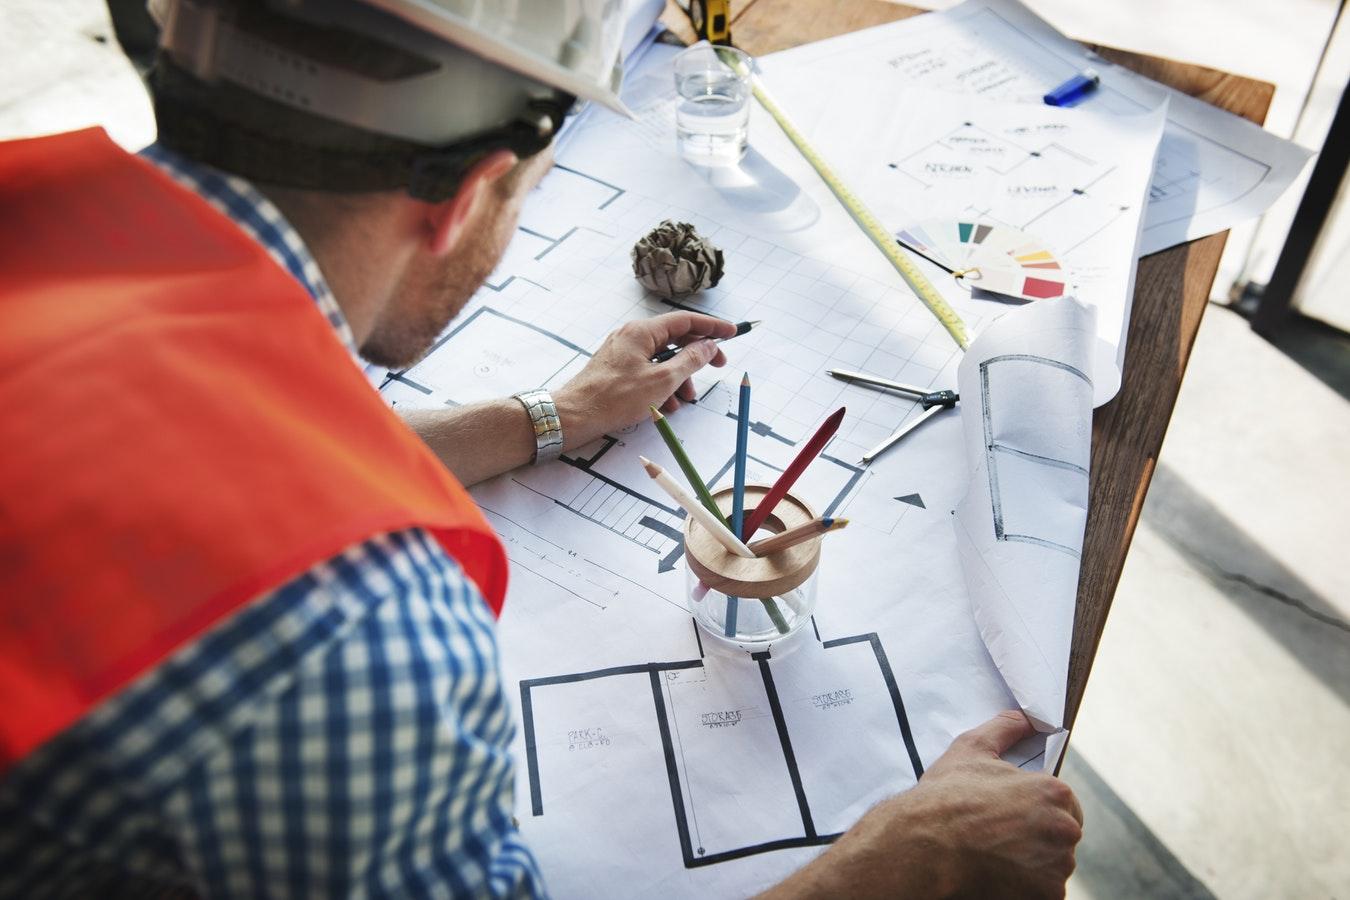 苏州市纺织工程专业高级工程师评定